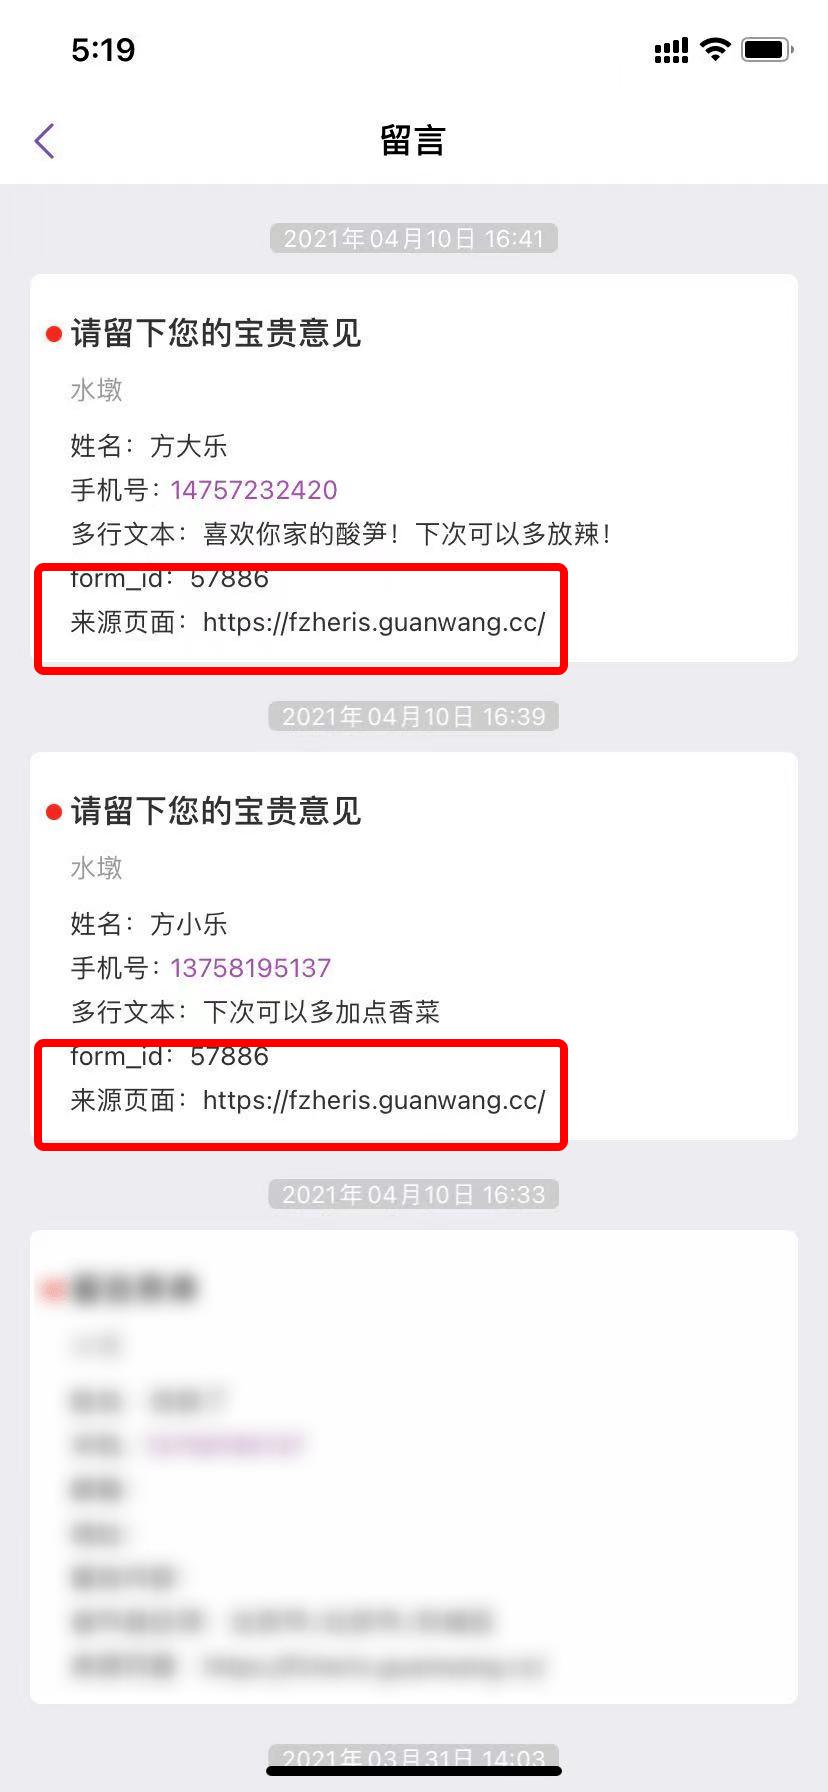 电脑配件商城网站毕业设计论文源码下载(商城网站源码) (https://www.oilcn.net.cn/) 综合教程 第3张